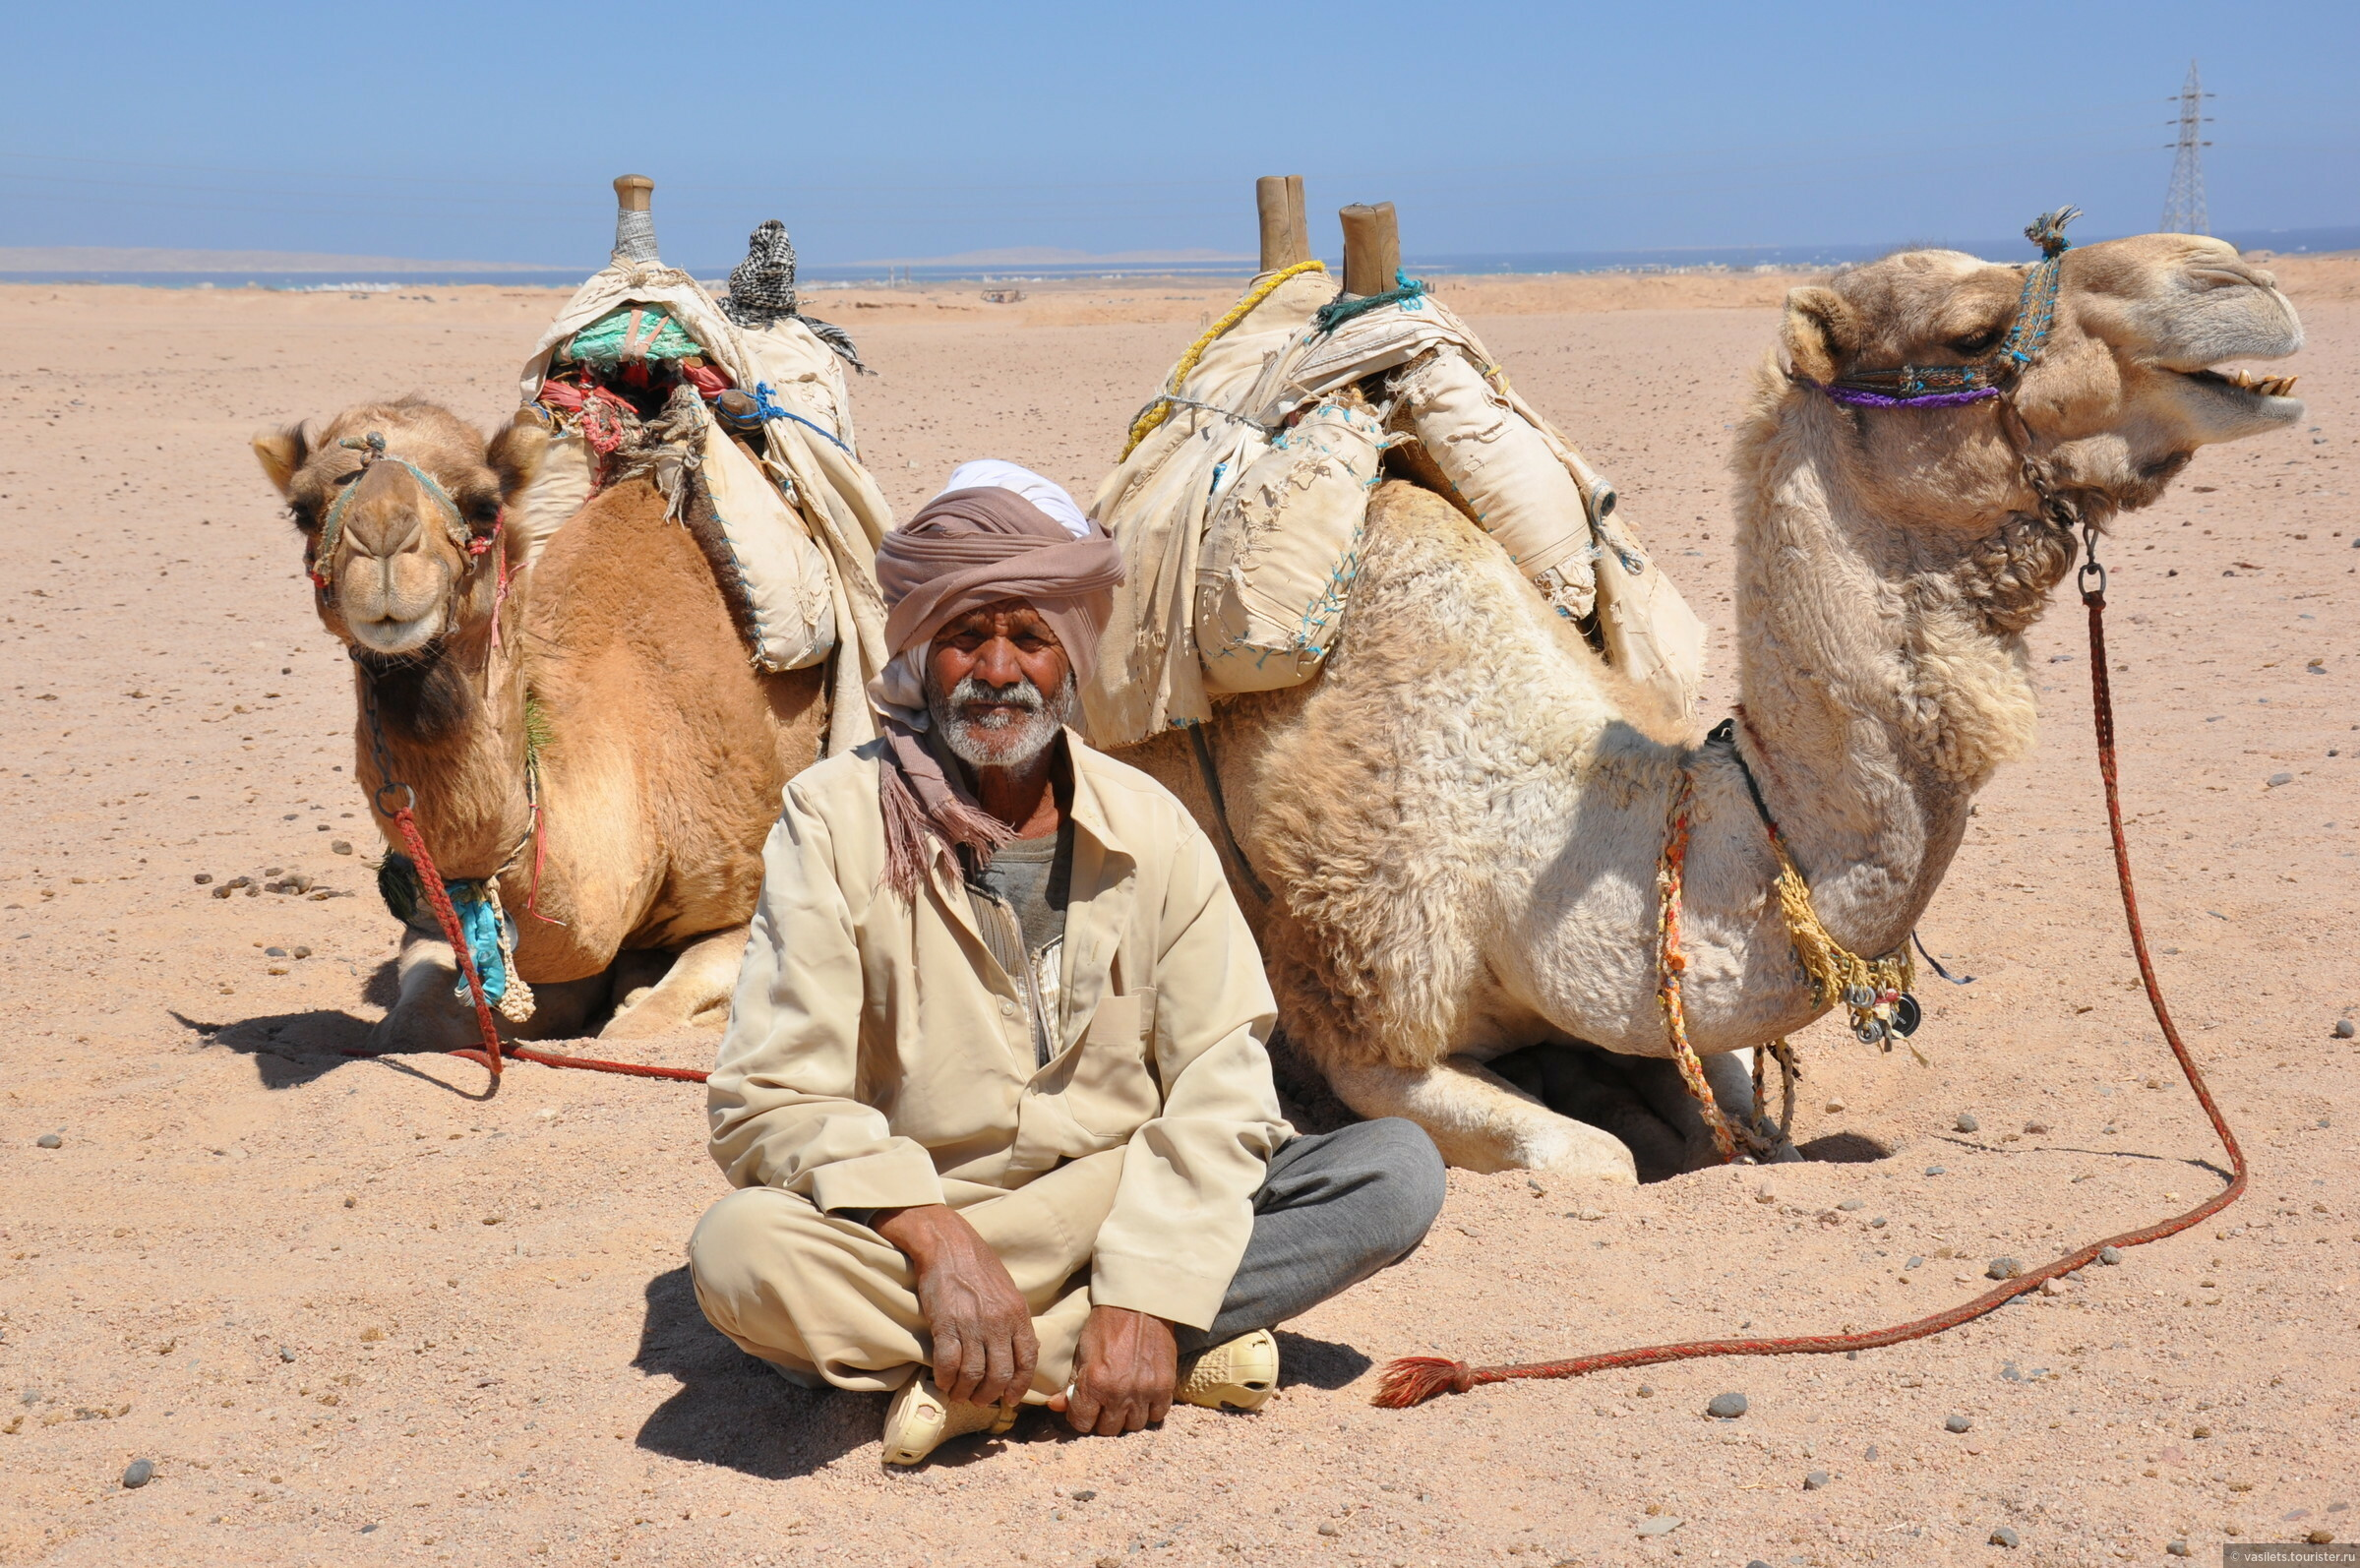 постер пустыня и верблюды и люди приготовленным десертом ставим